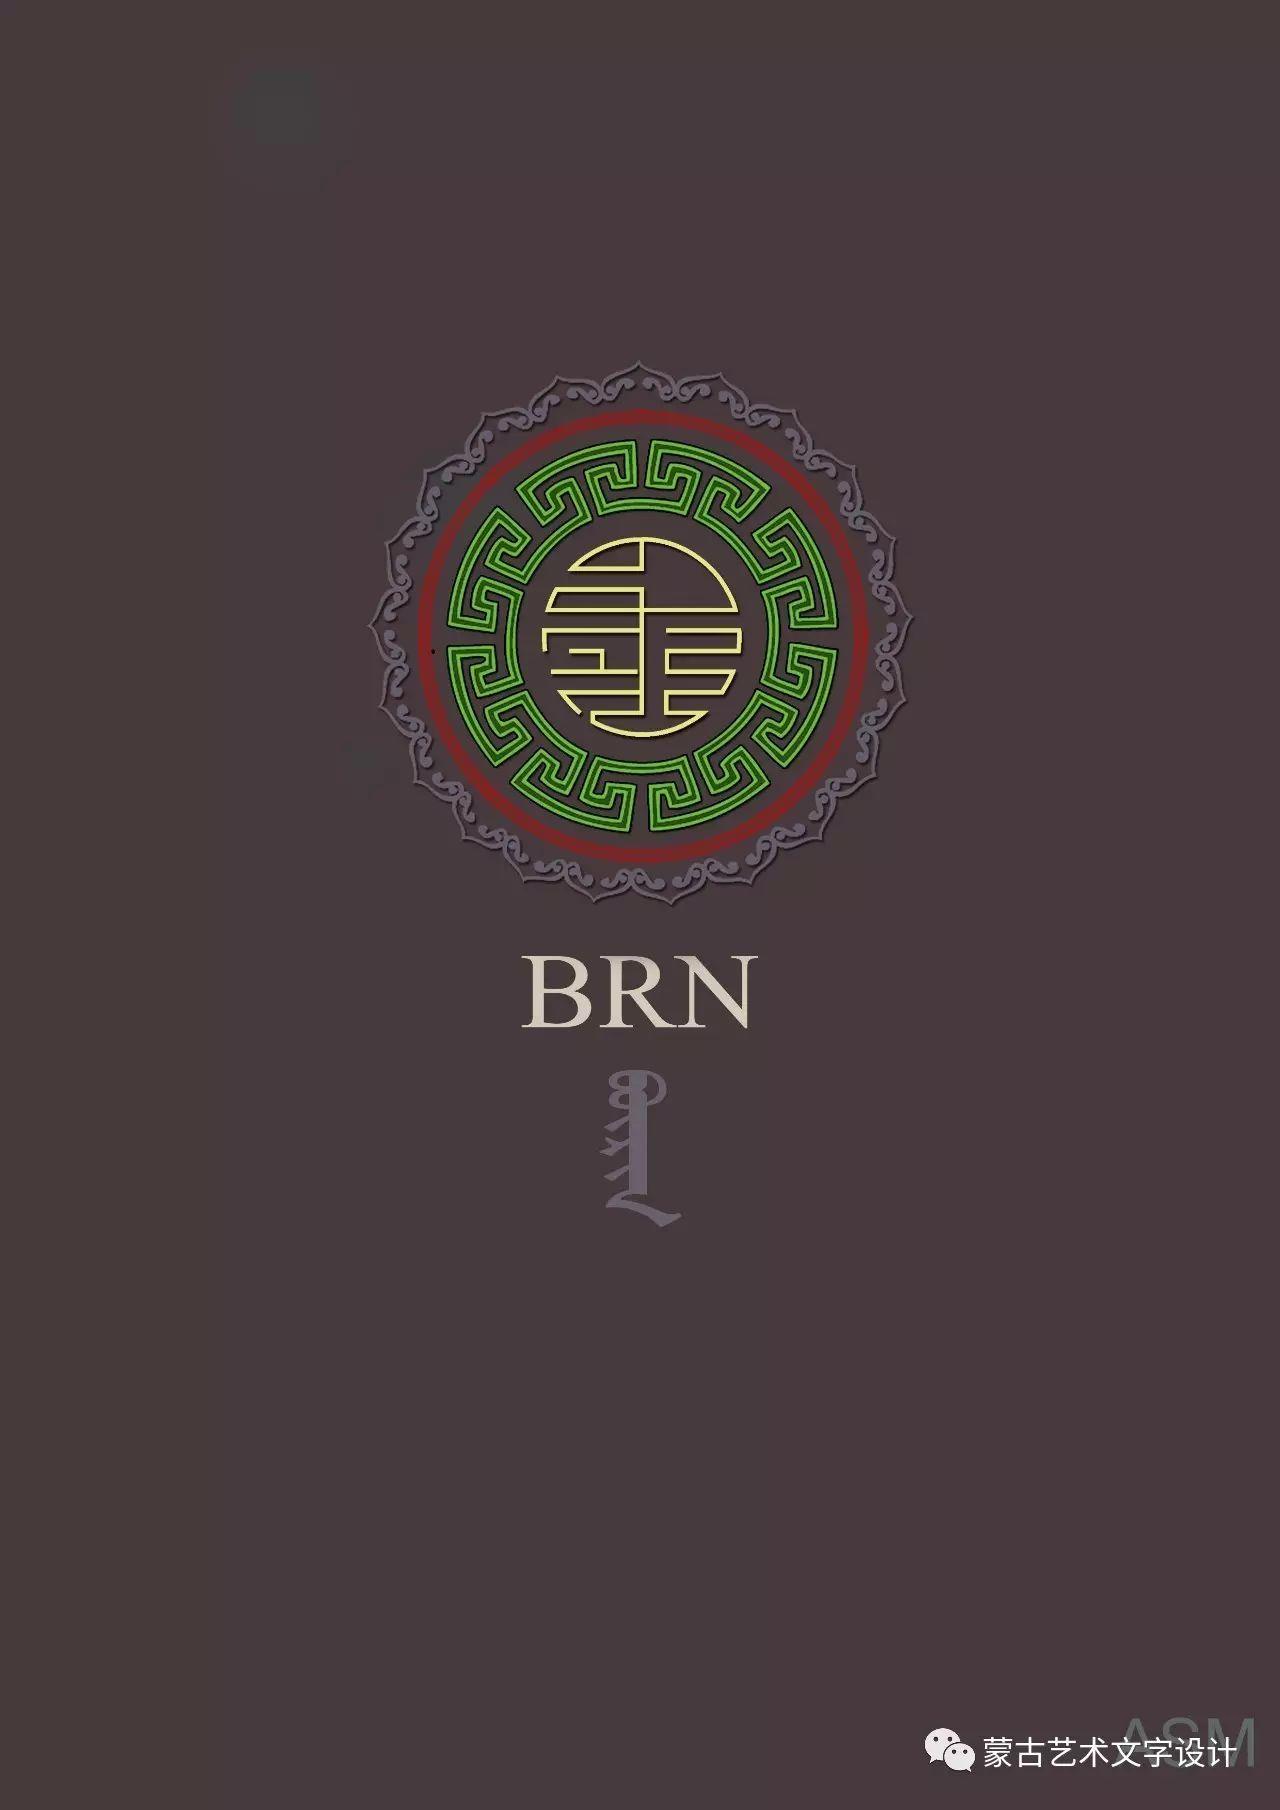 蒙古艺术文字设计 第34张